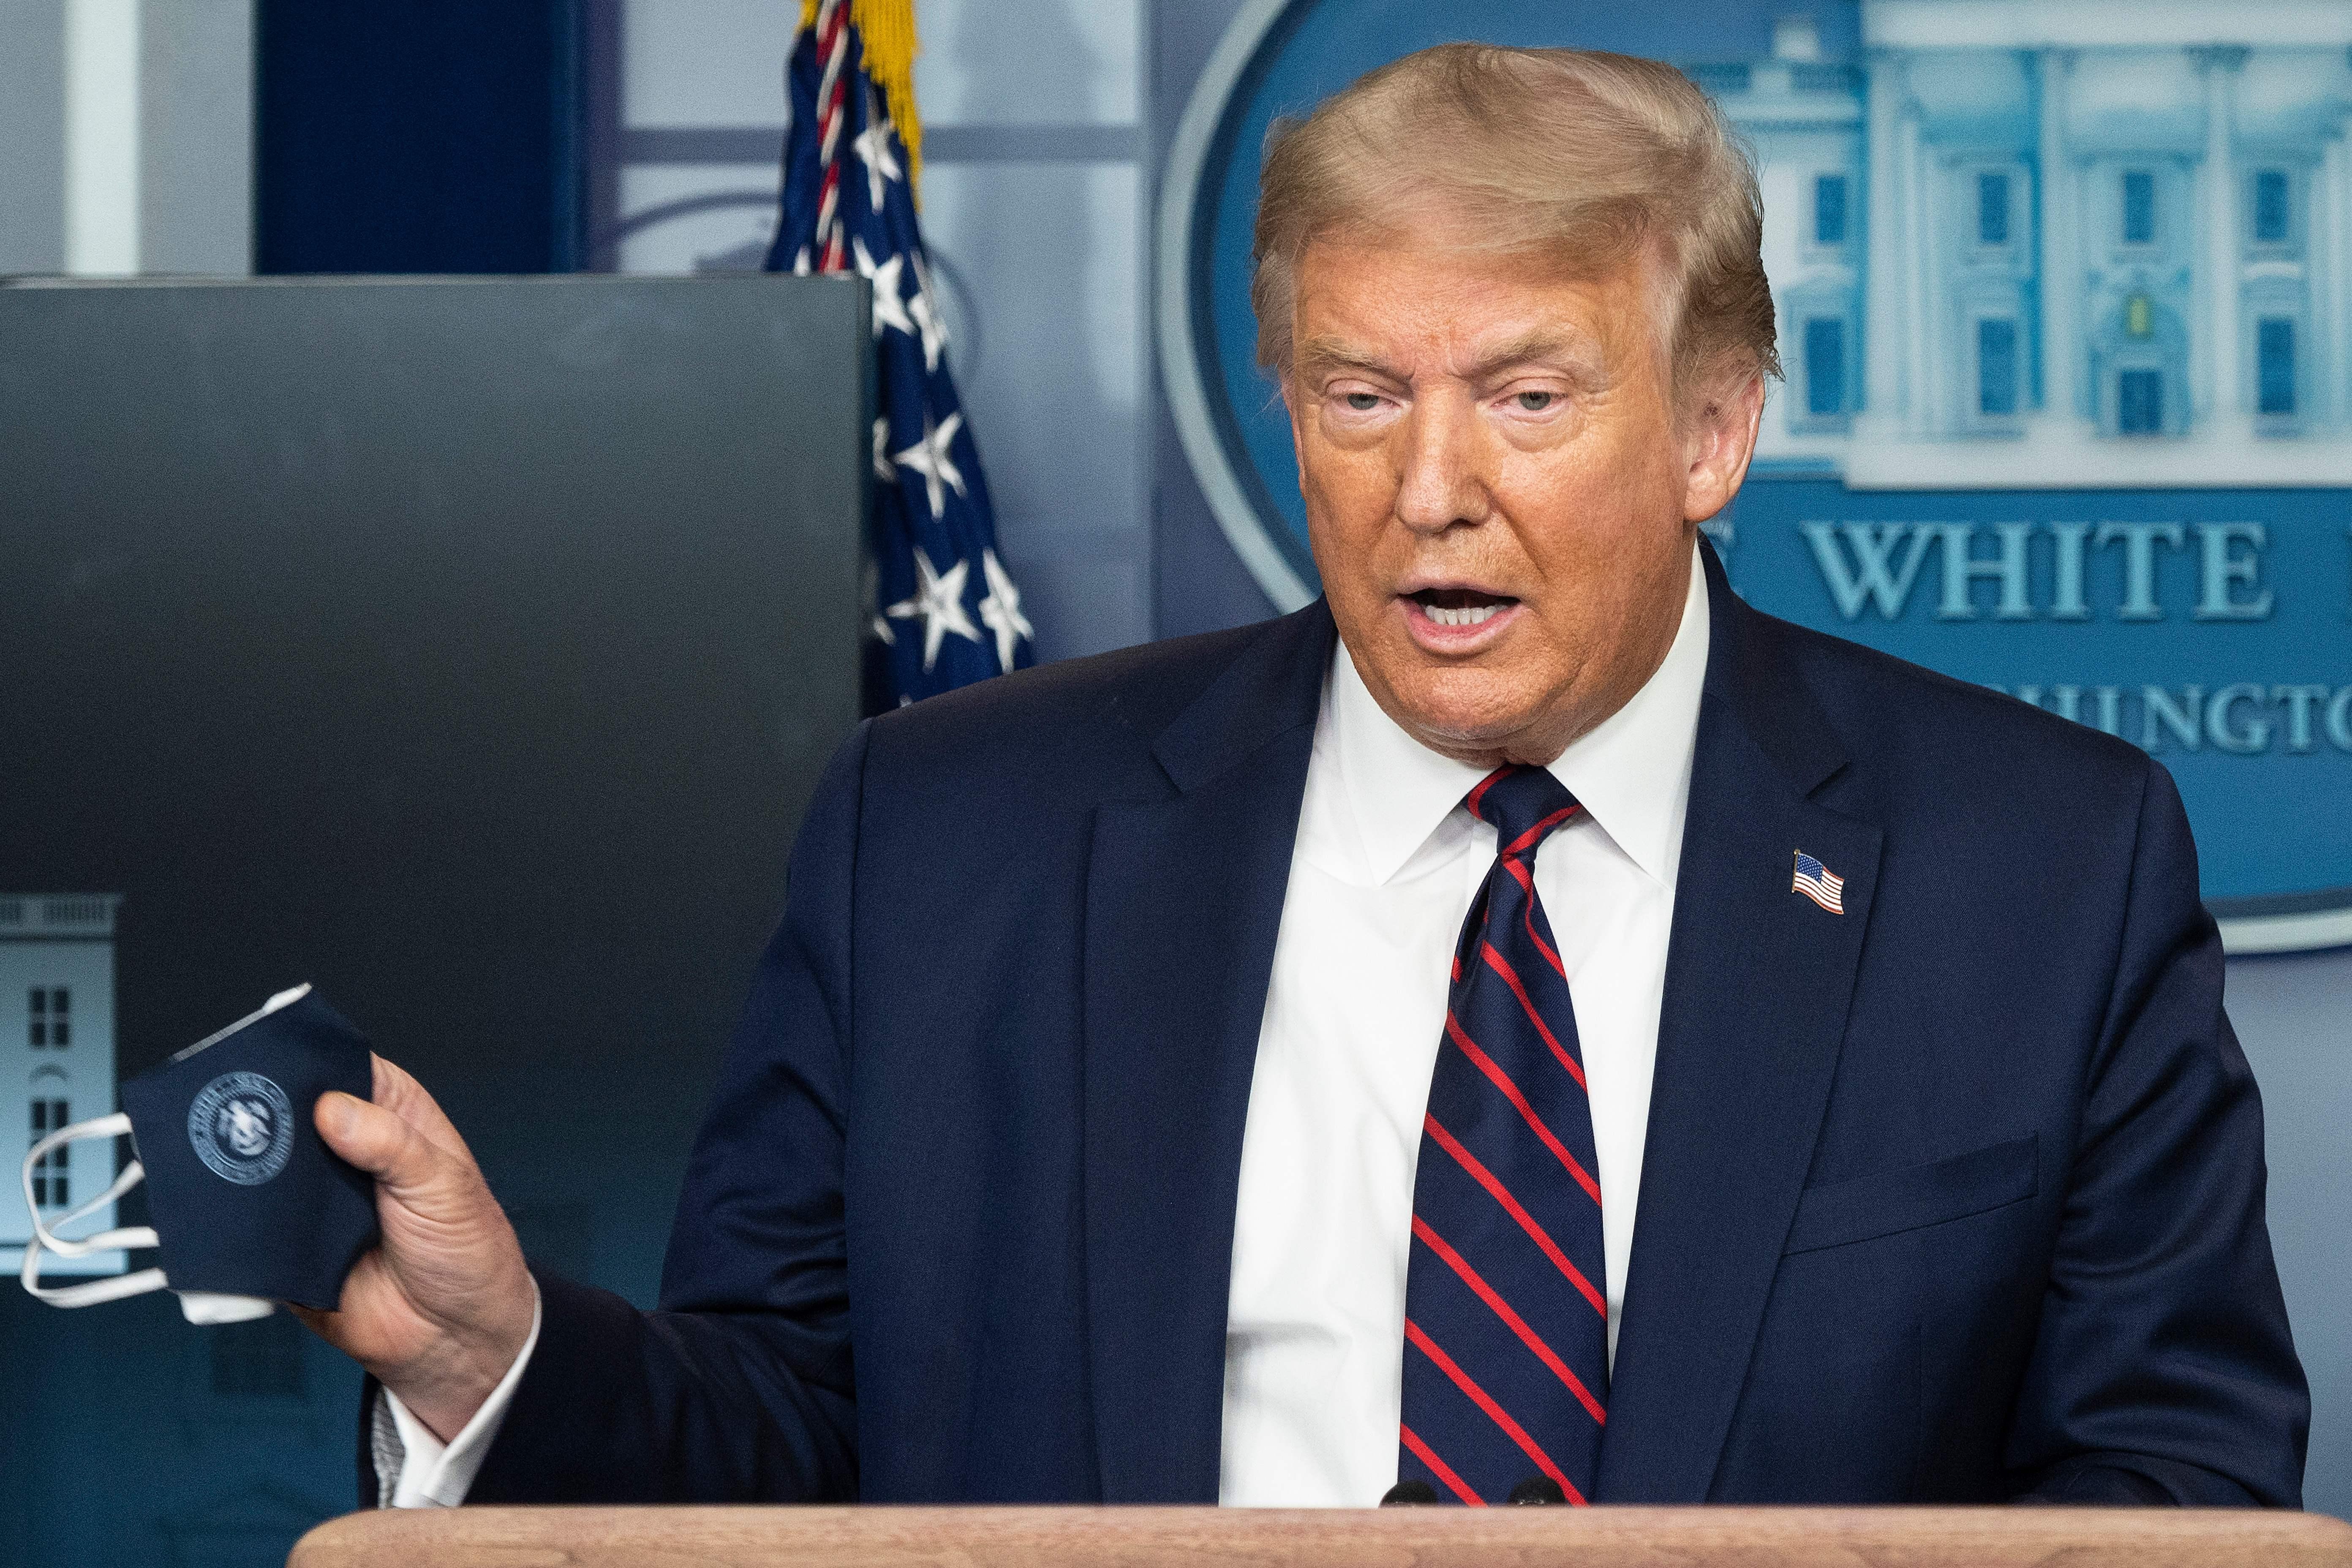 【直播】特朗普新聞會:經濟復甦 不再關閉美國